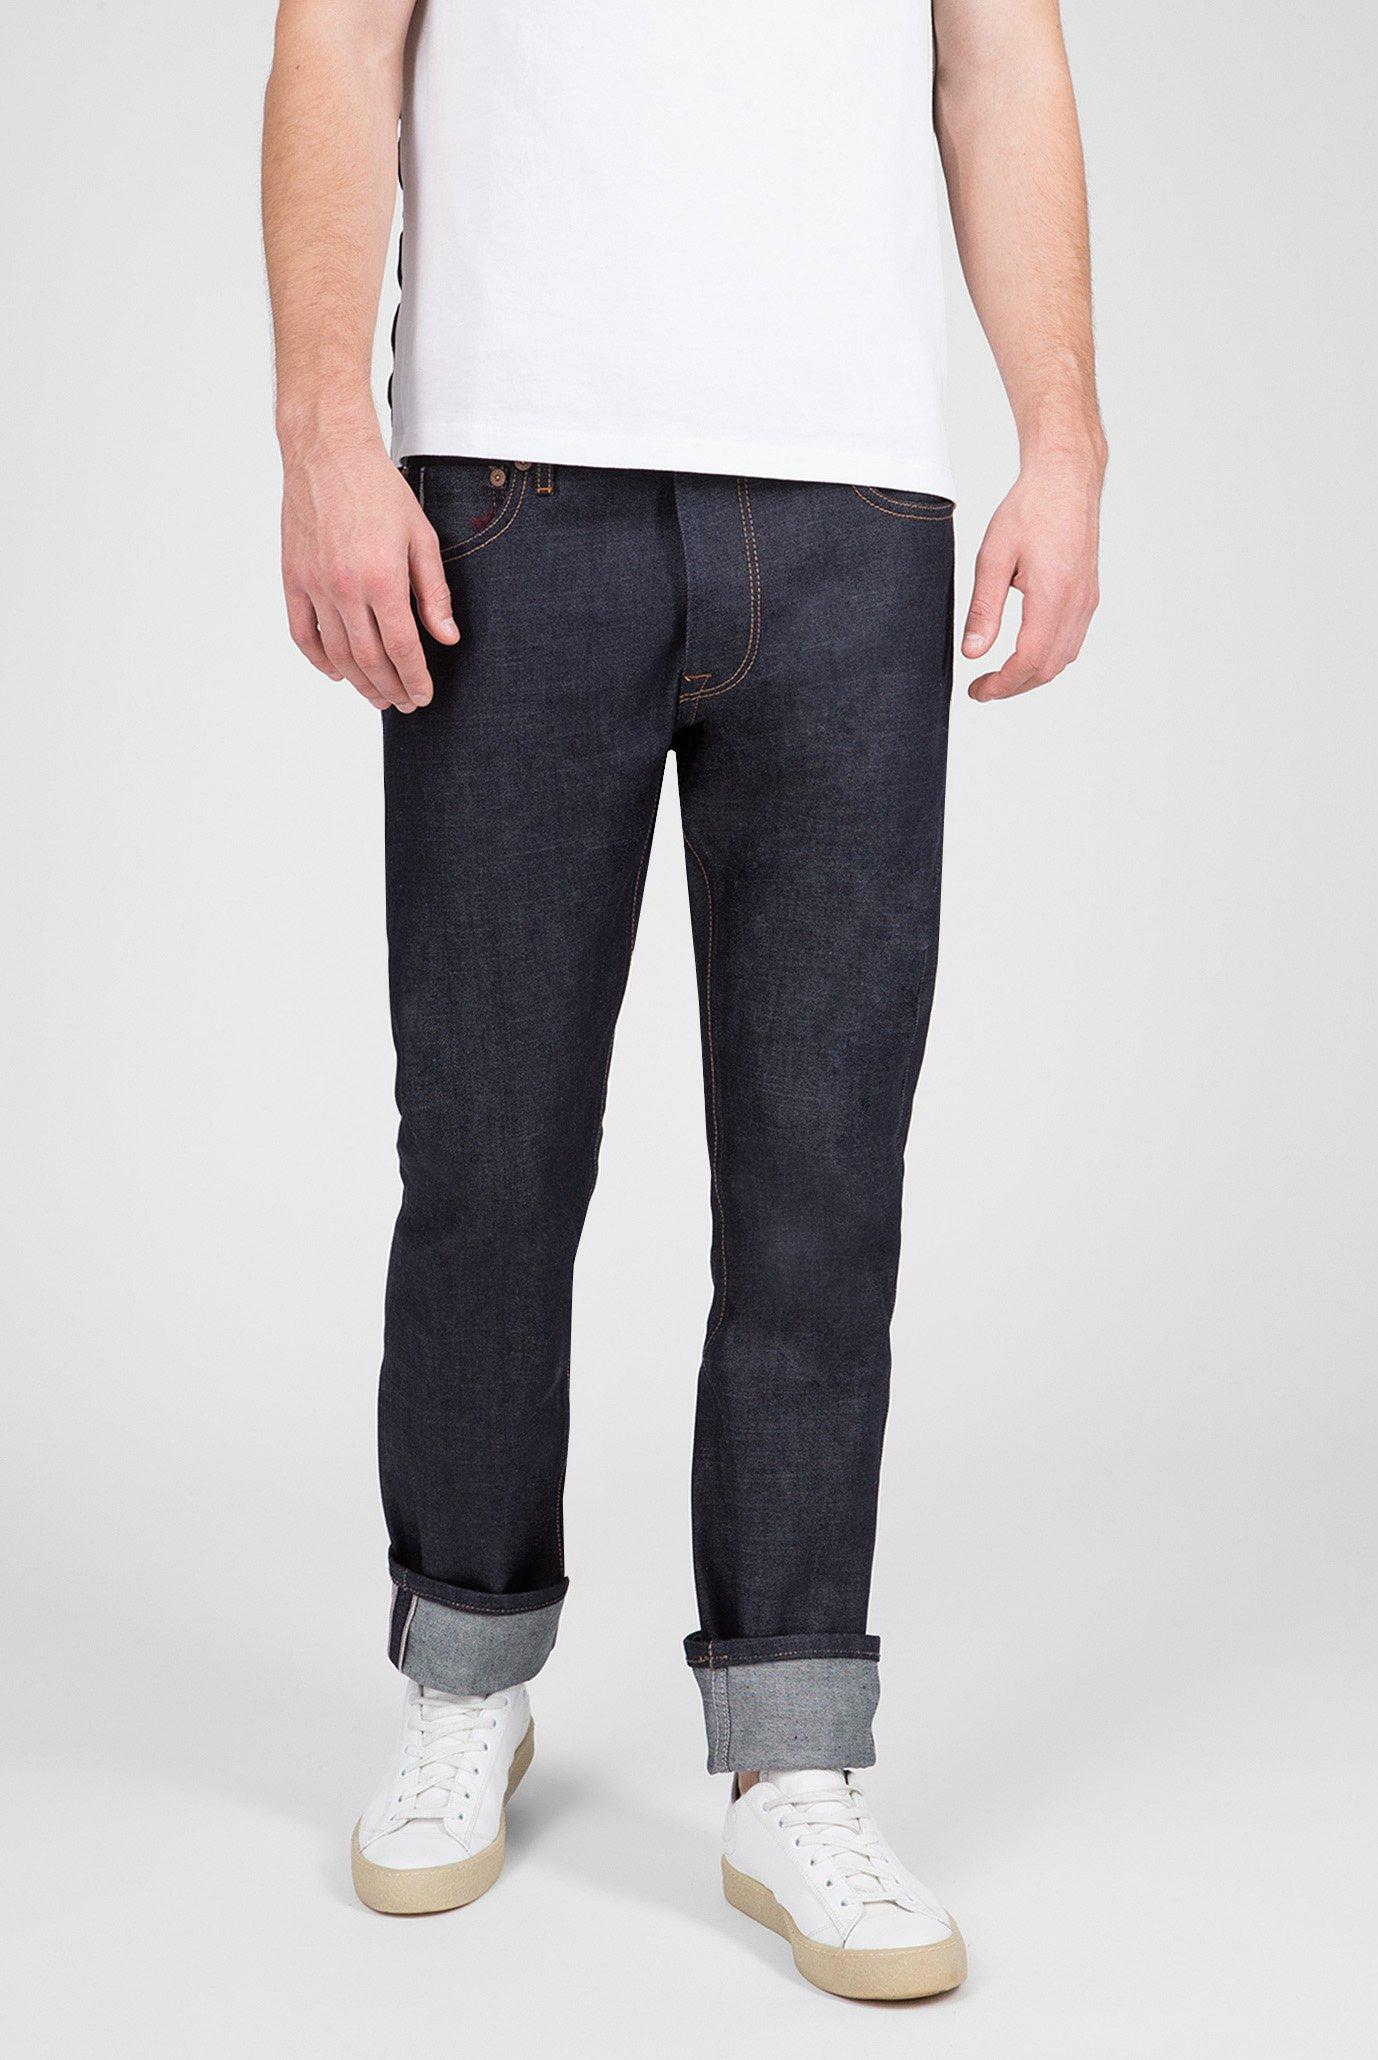 Купить Мужские темно-синие джинсы STANLEY SELVEDGE Pepe Jeans Pepe Jeans PM2042762 – Киев, Украина. Цены в интернет магазине MD Fashion